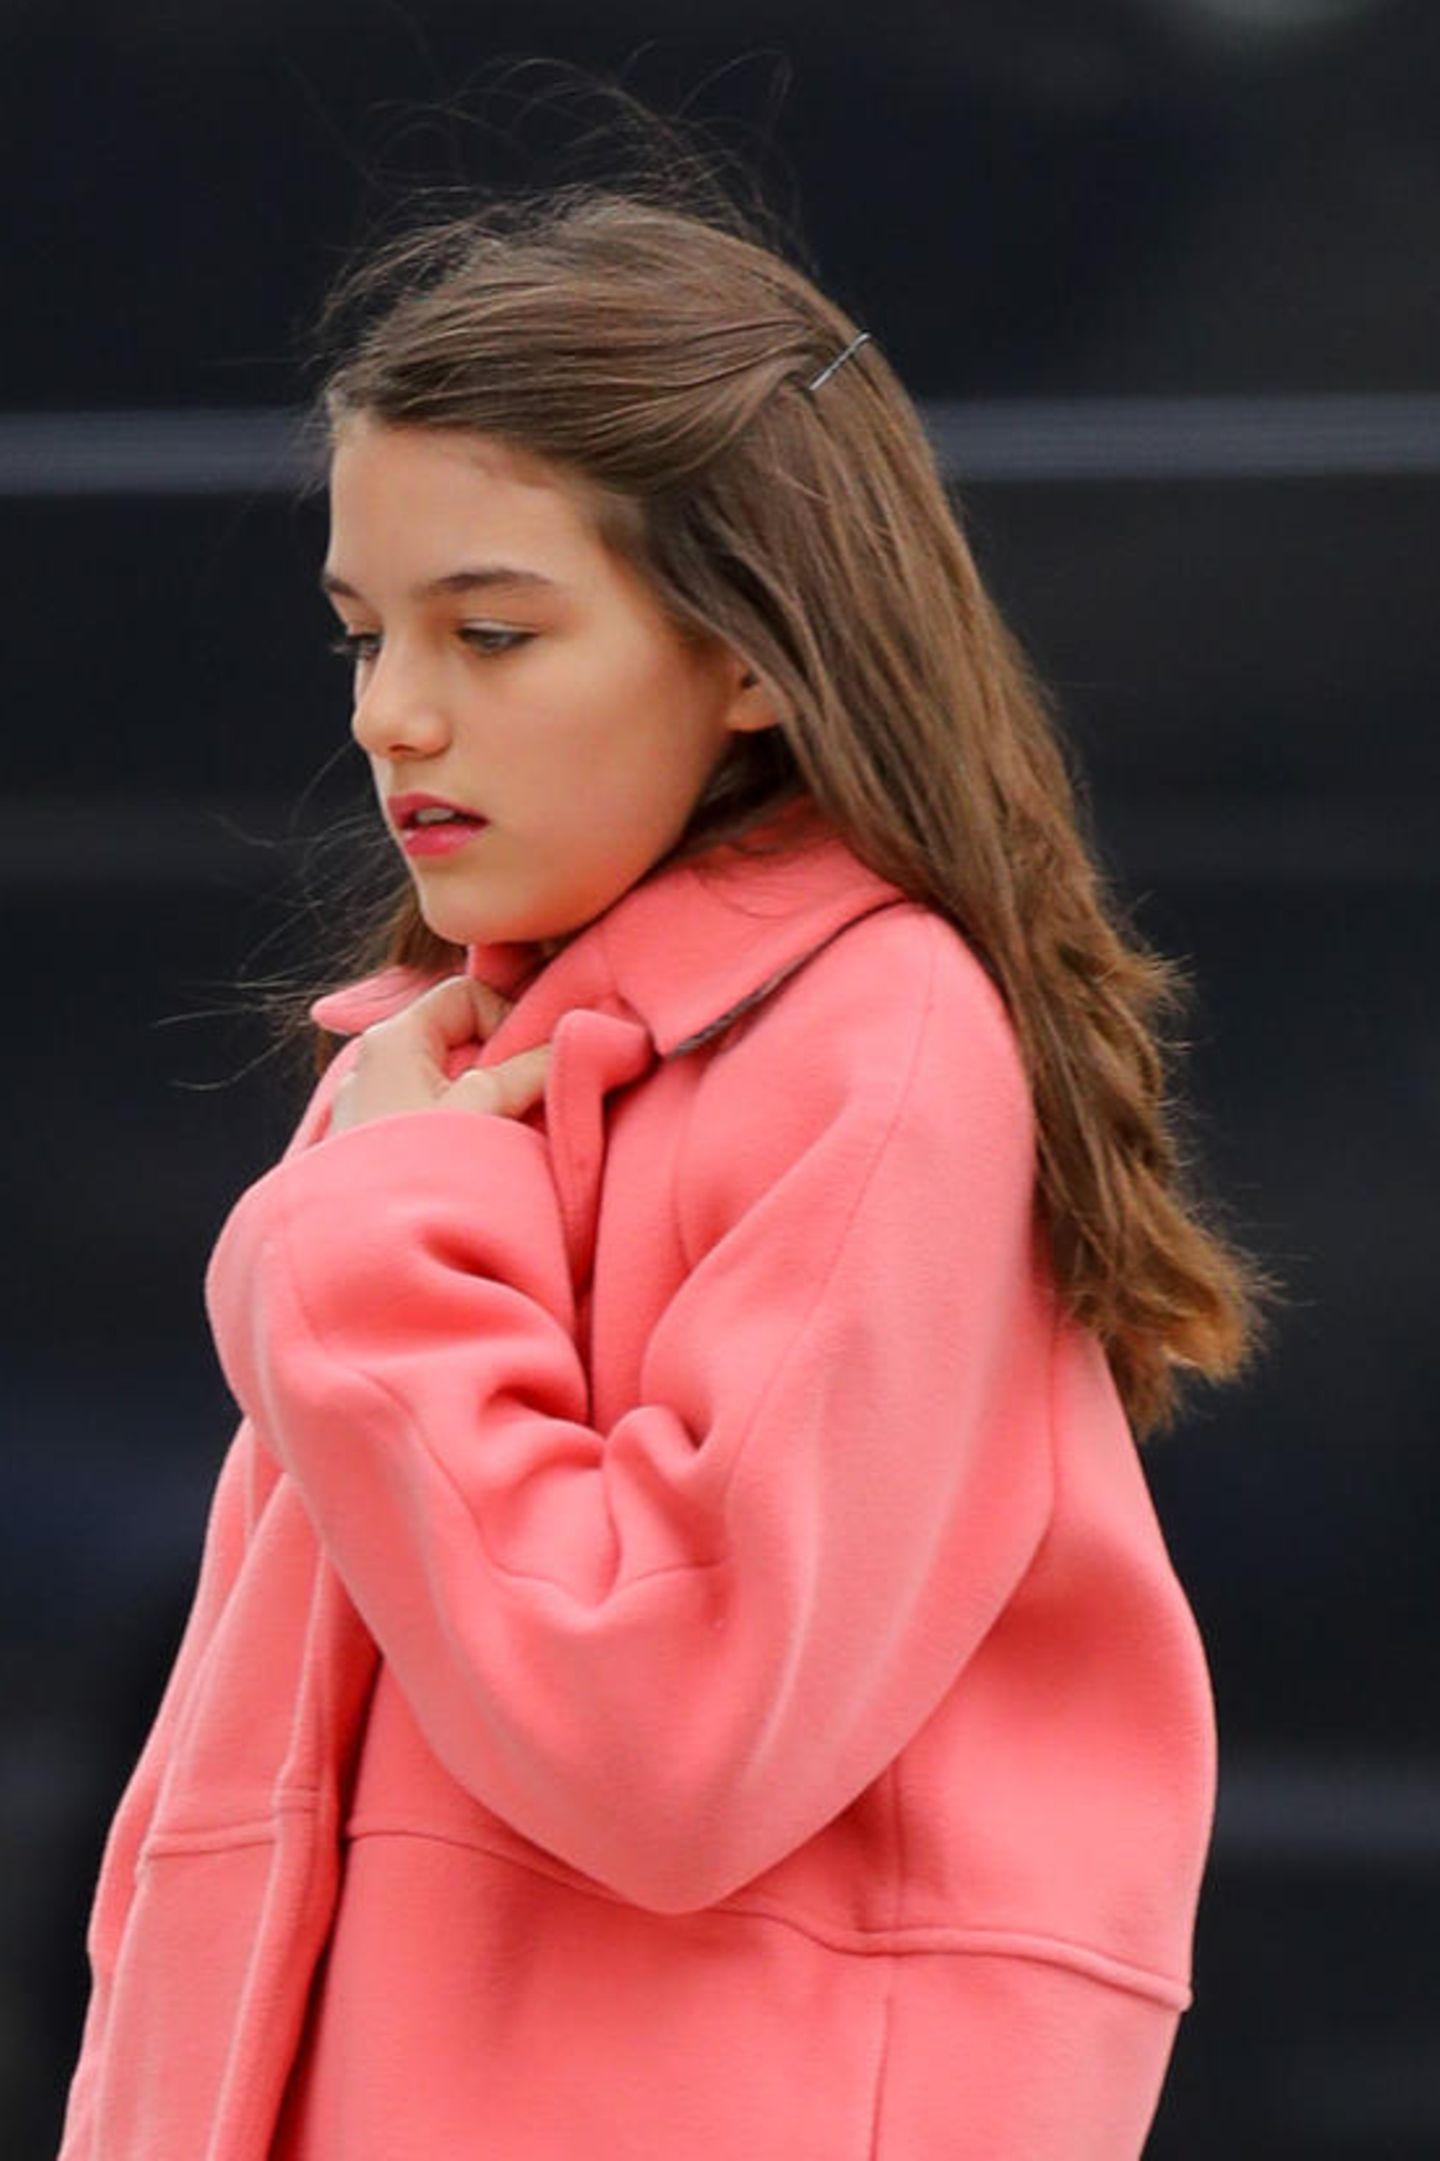 Ihr brünettes Haar trägt sie offen und auf den Lippen trägt sie einen farblich passenden Lippenstift. Ganz schön groß, die Kleine!